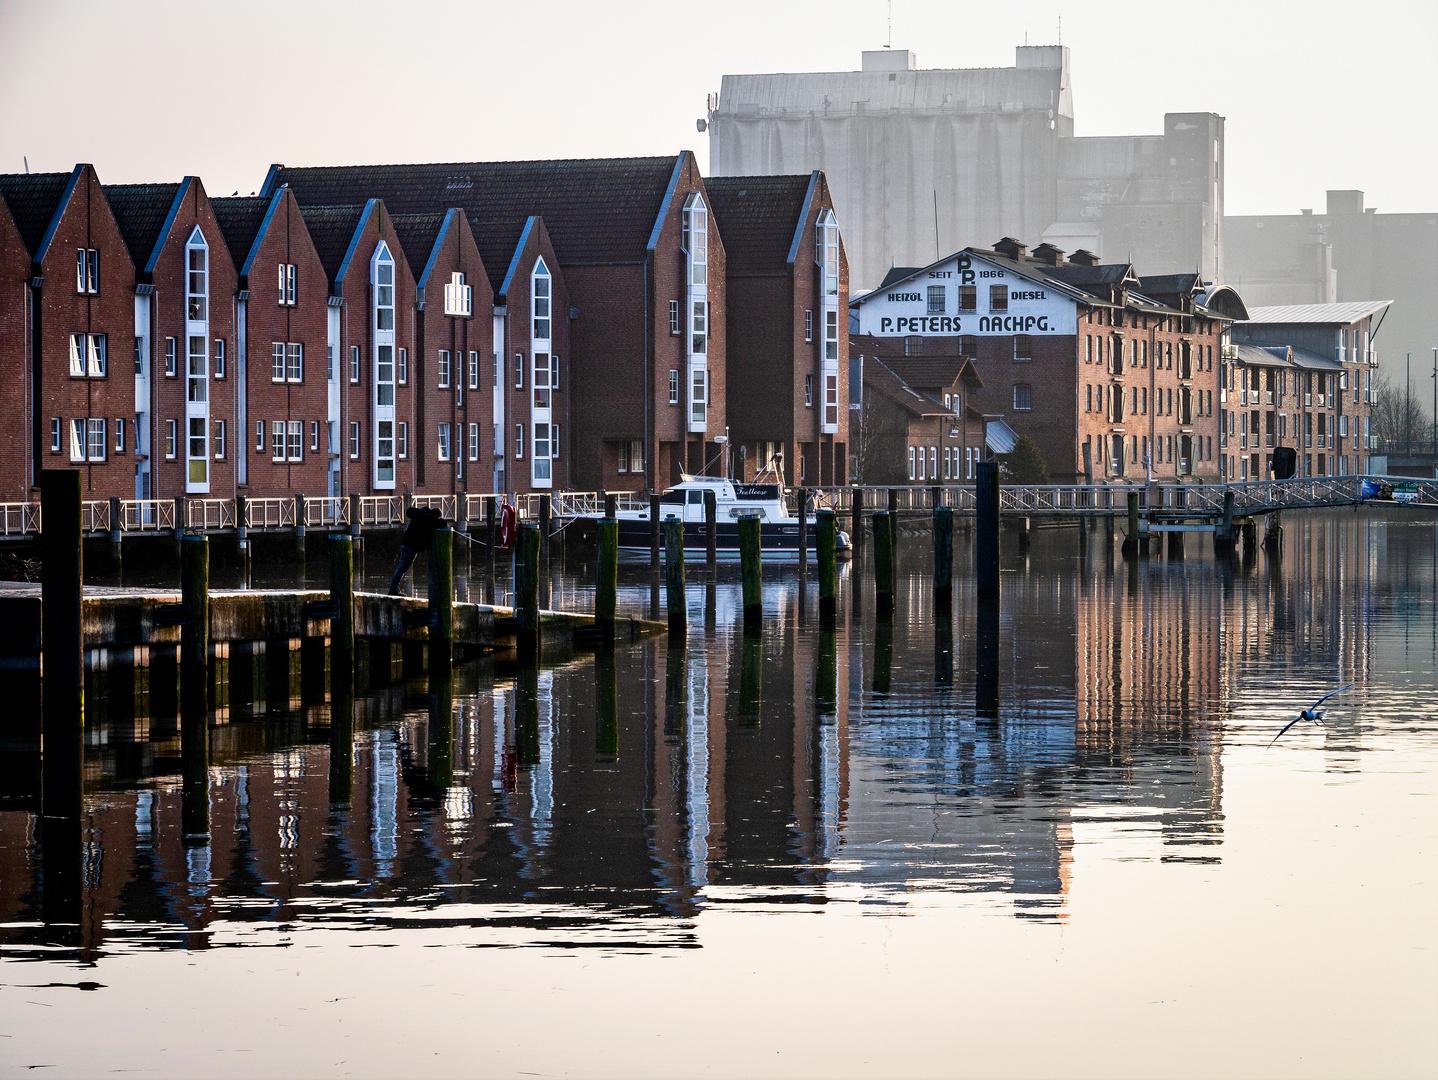 Husum-Binnenhafen, 2